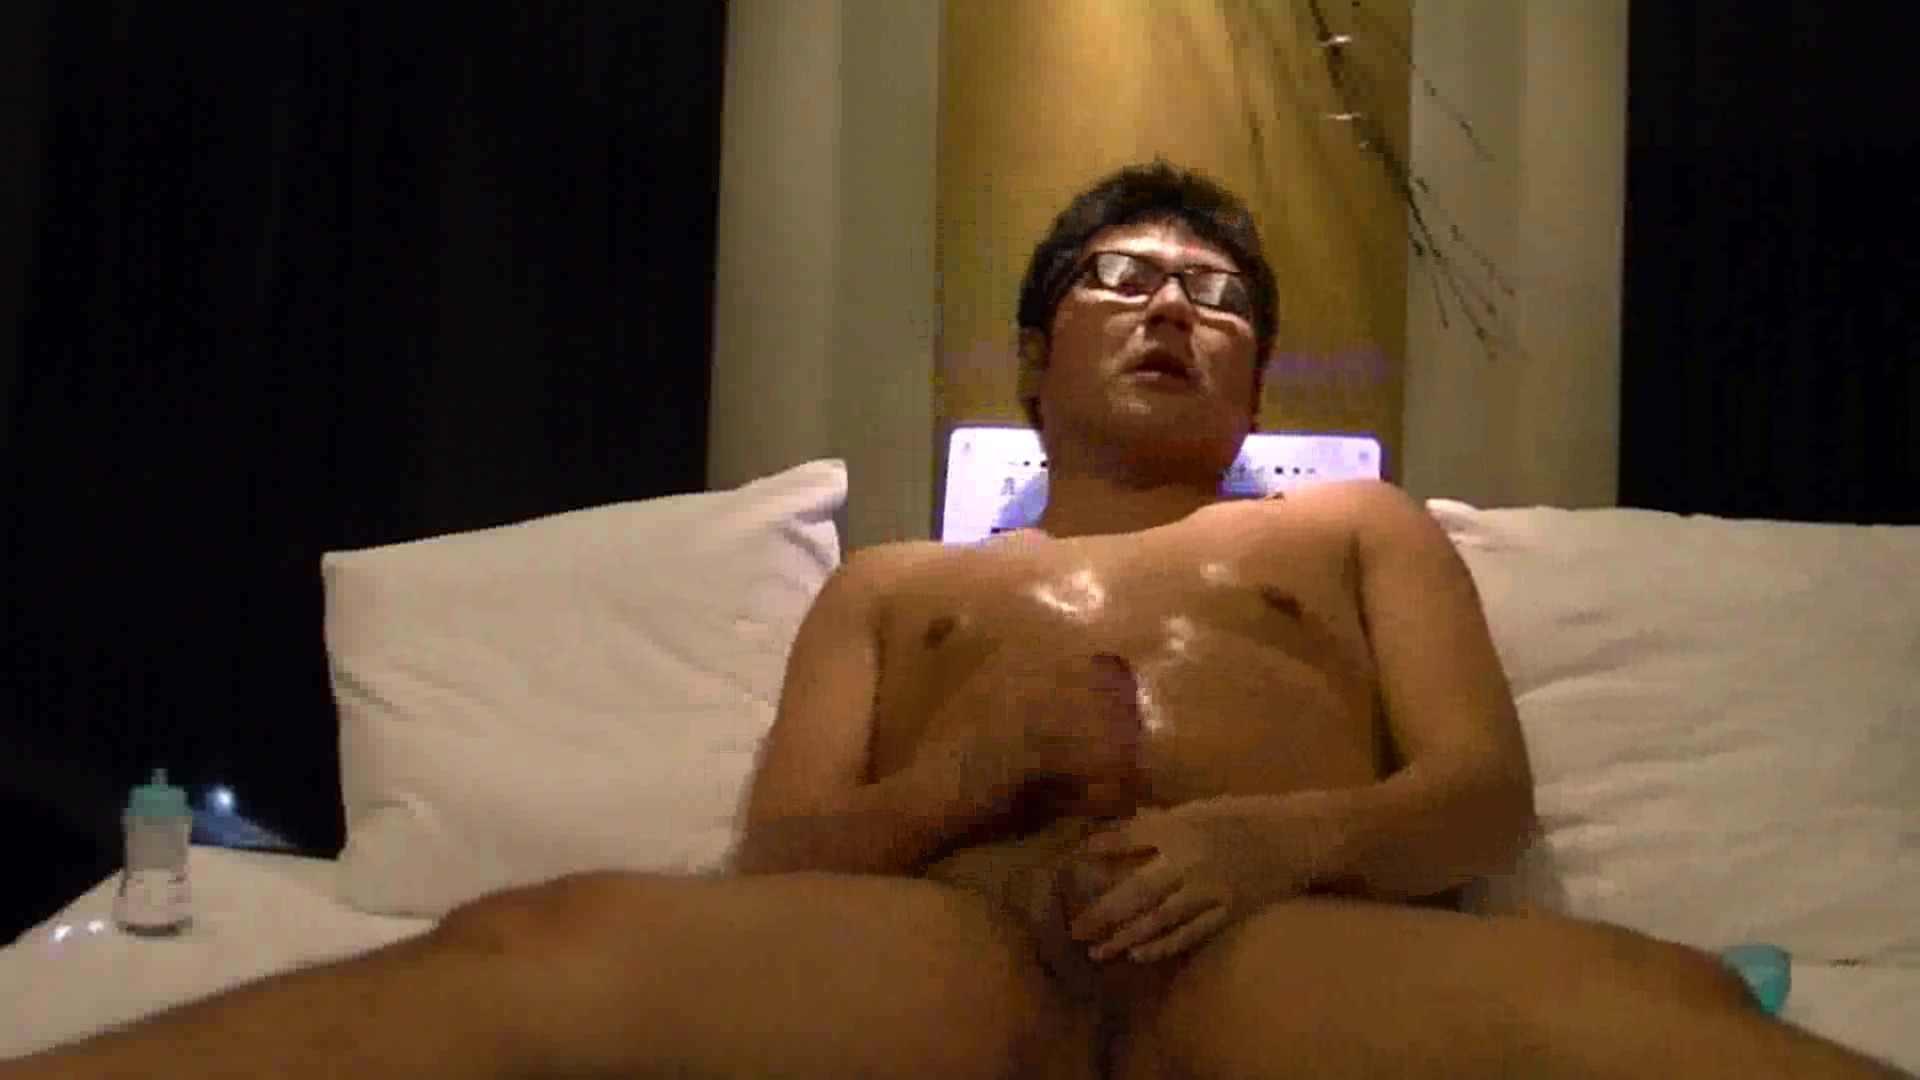 ONA見せカーニバル!! Vol5 メンズのエッチ   オナニー専門男子  81画像 31